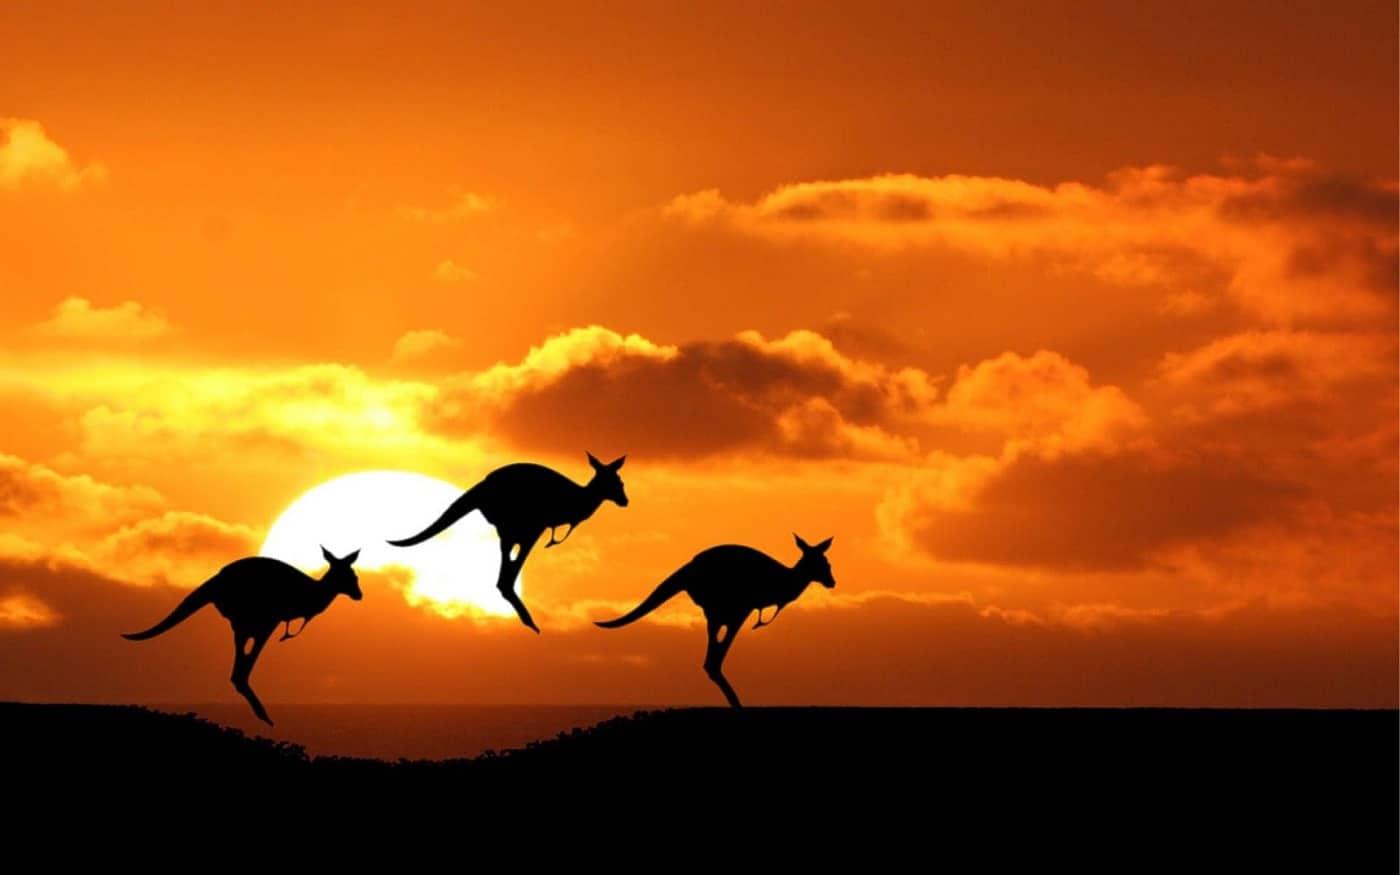 Celebrii canguri australieni se regăsesc şi în Canberra